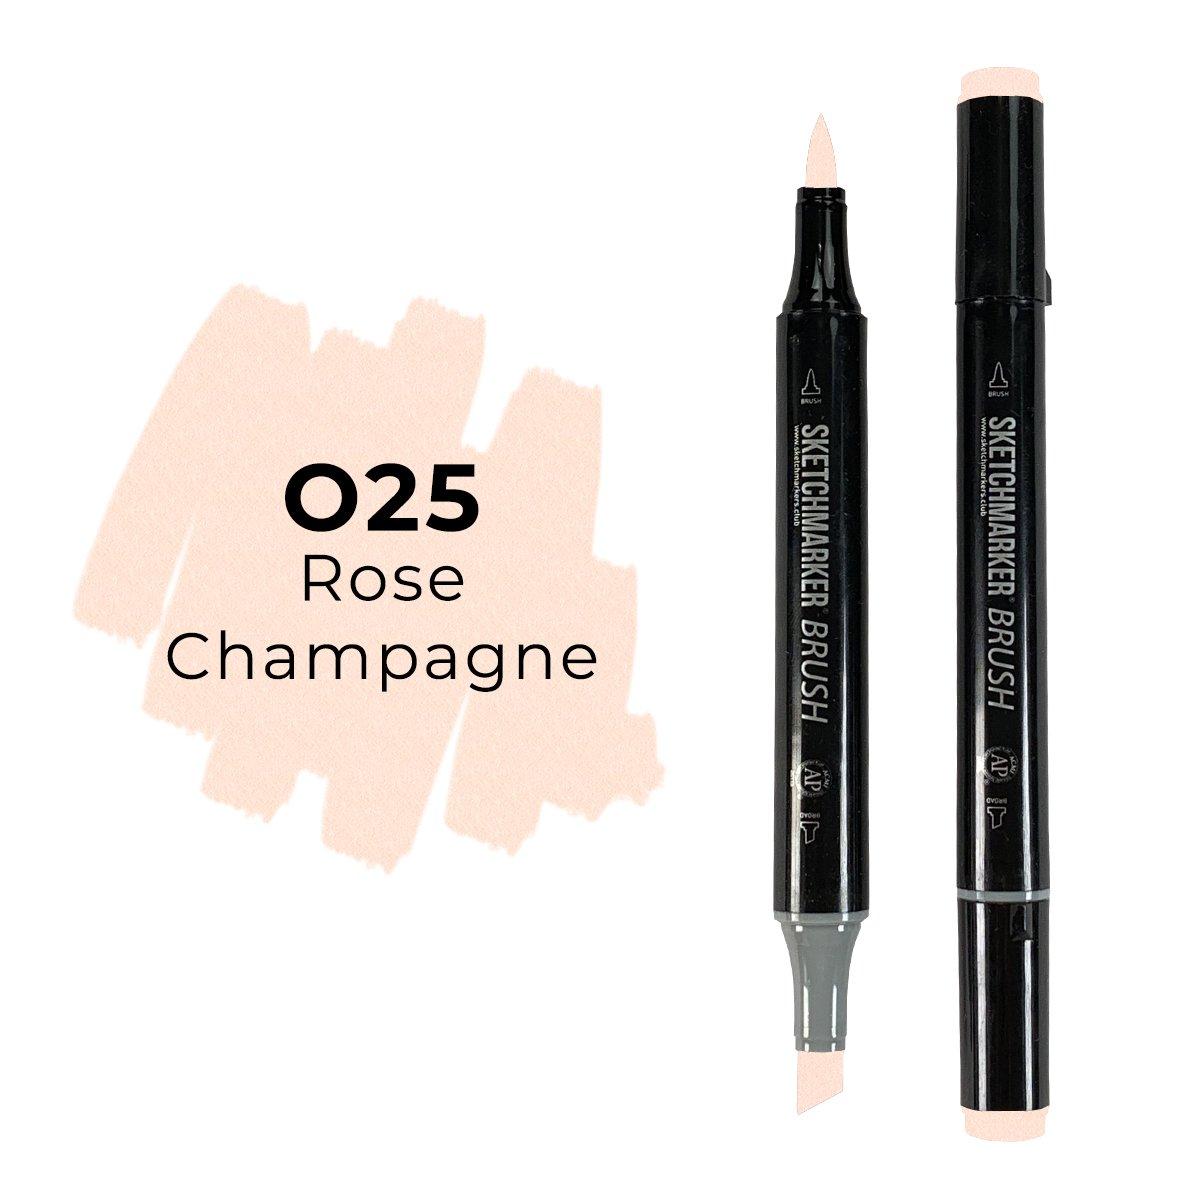 SKETCHMARKER BRUSH PRO Color: Rose Champagne